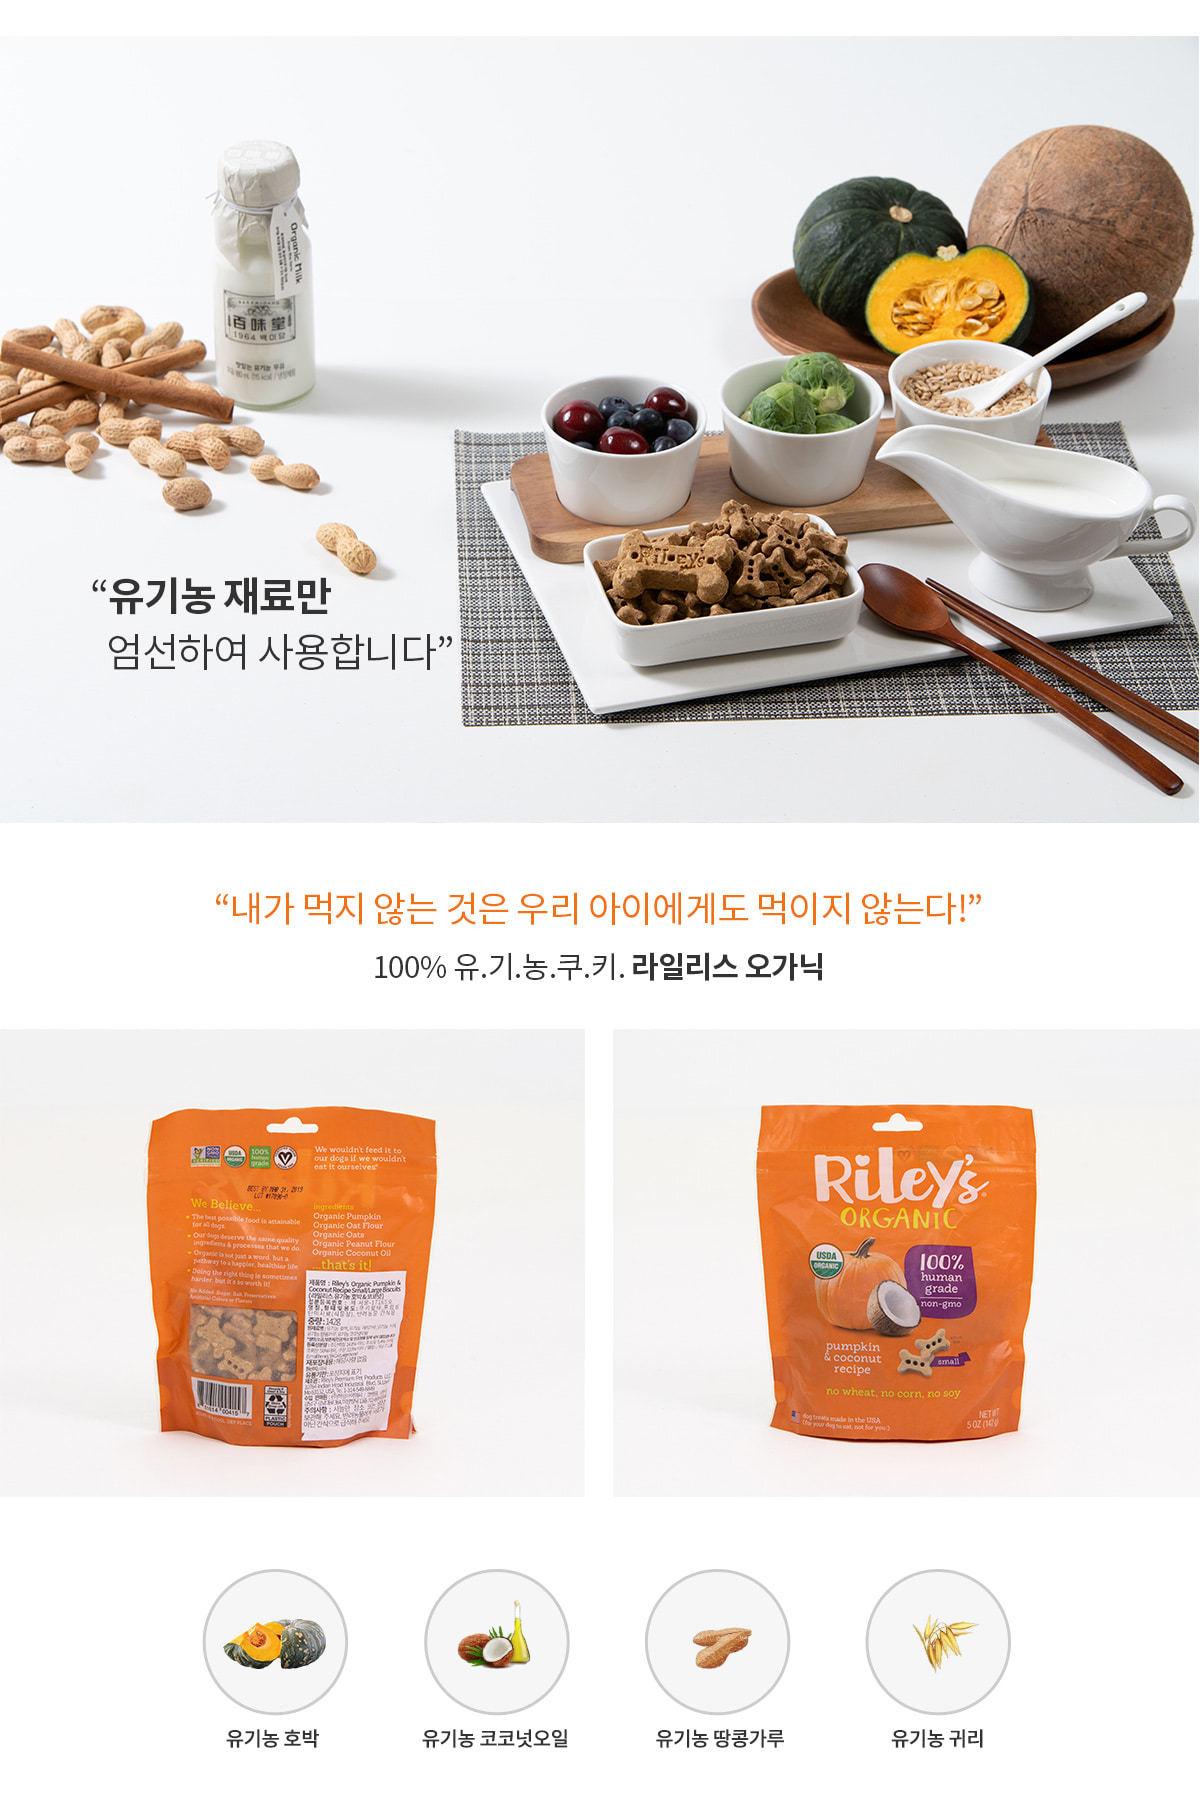 유기농 라일리스 오가닉 호박과 코코넛 142g - 허밍펫, 12,000원, 간식/영양제, 수제간식